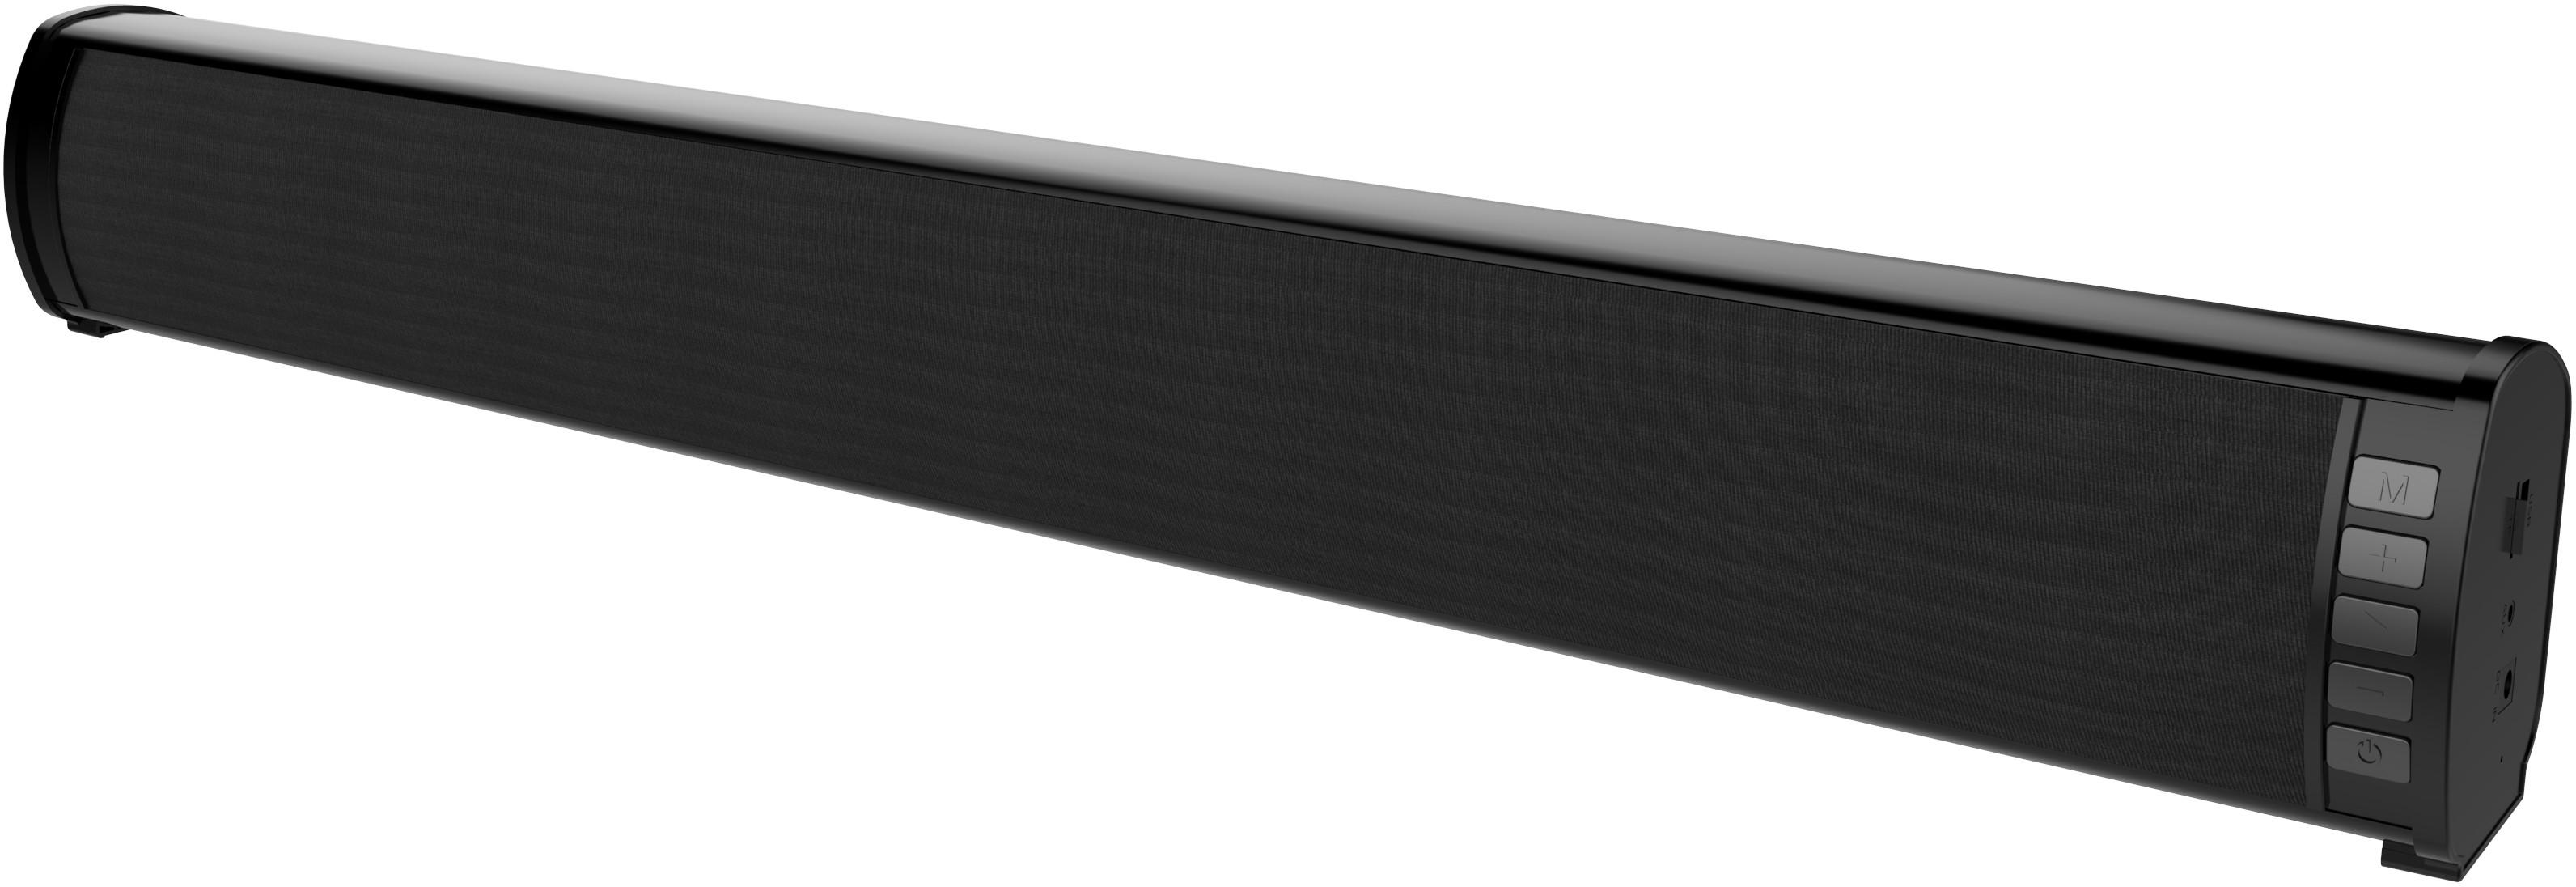 Omega kõlar SoundBar OG88 (44167)